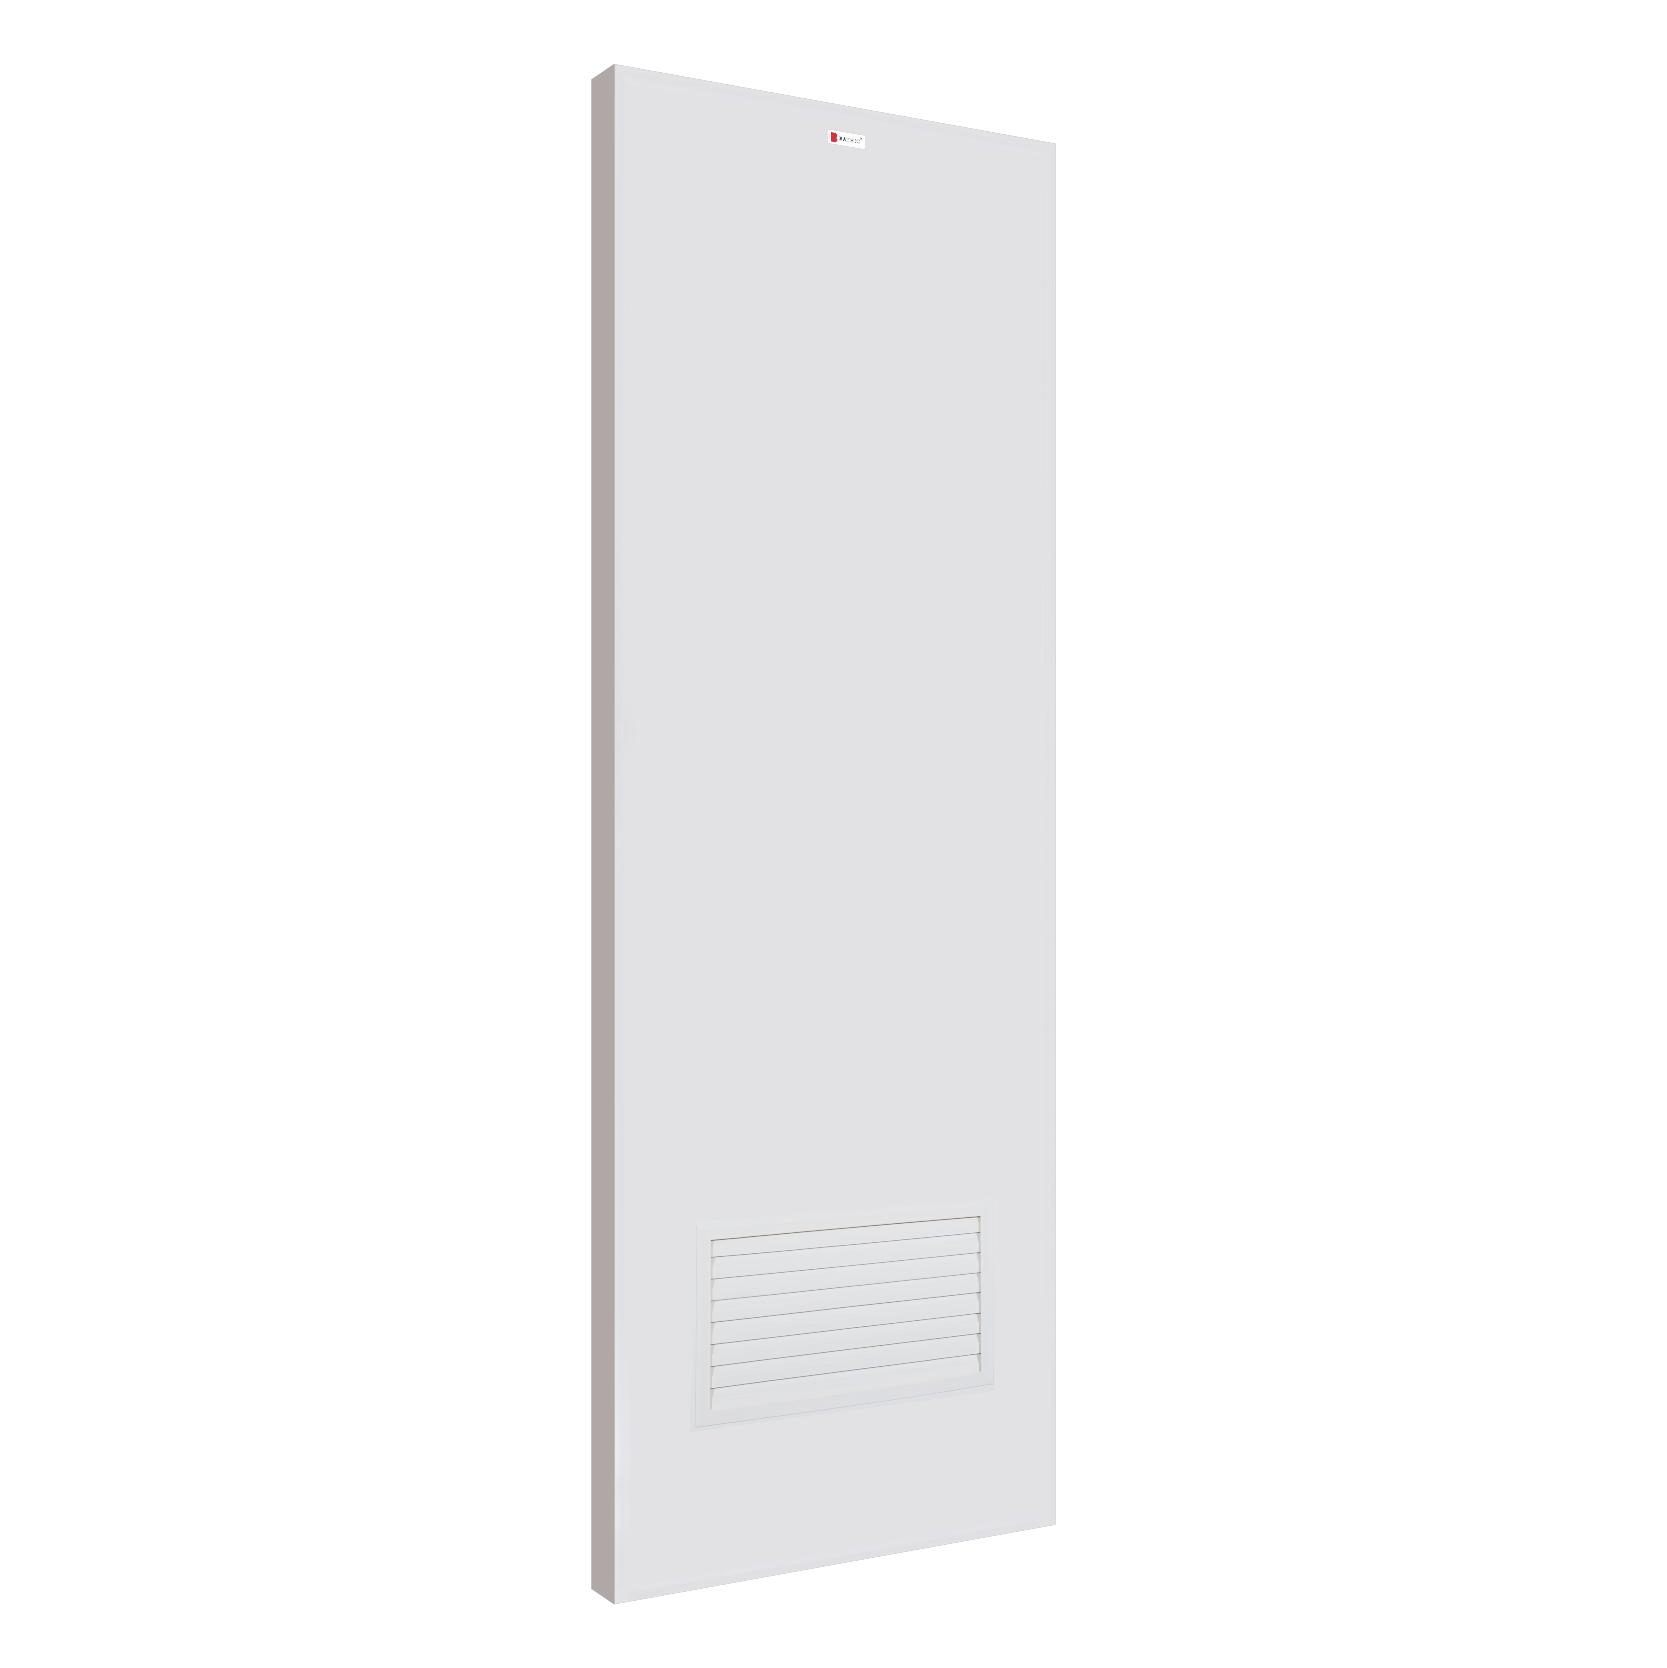 door-pvc-bathic-bpc2-white-3